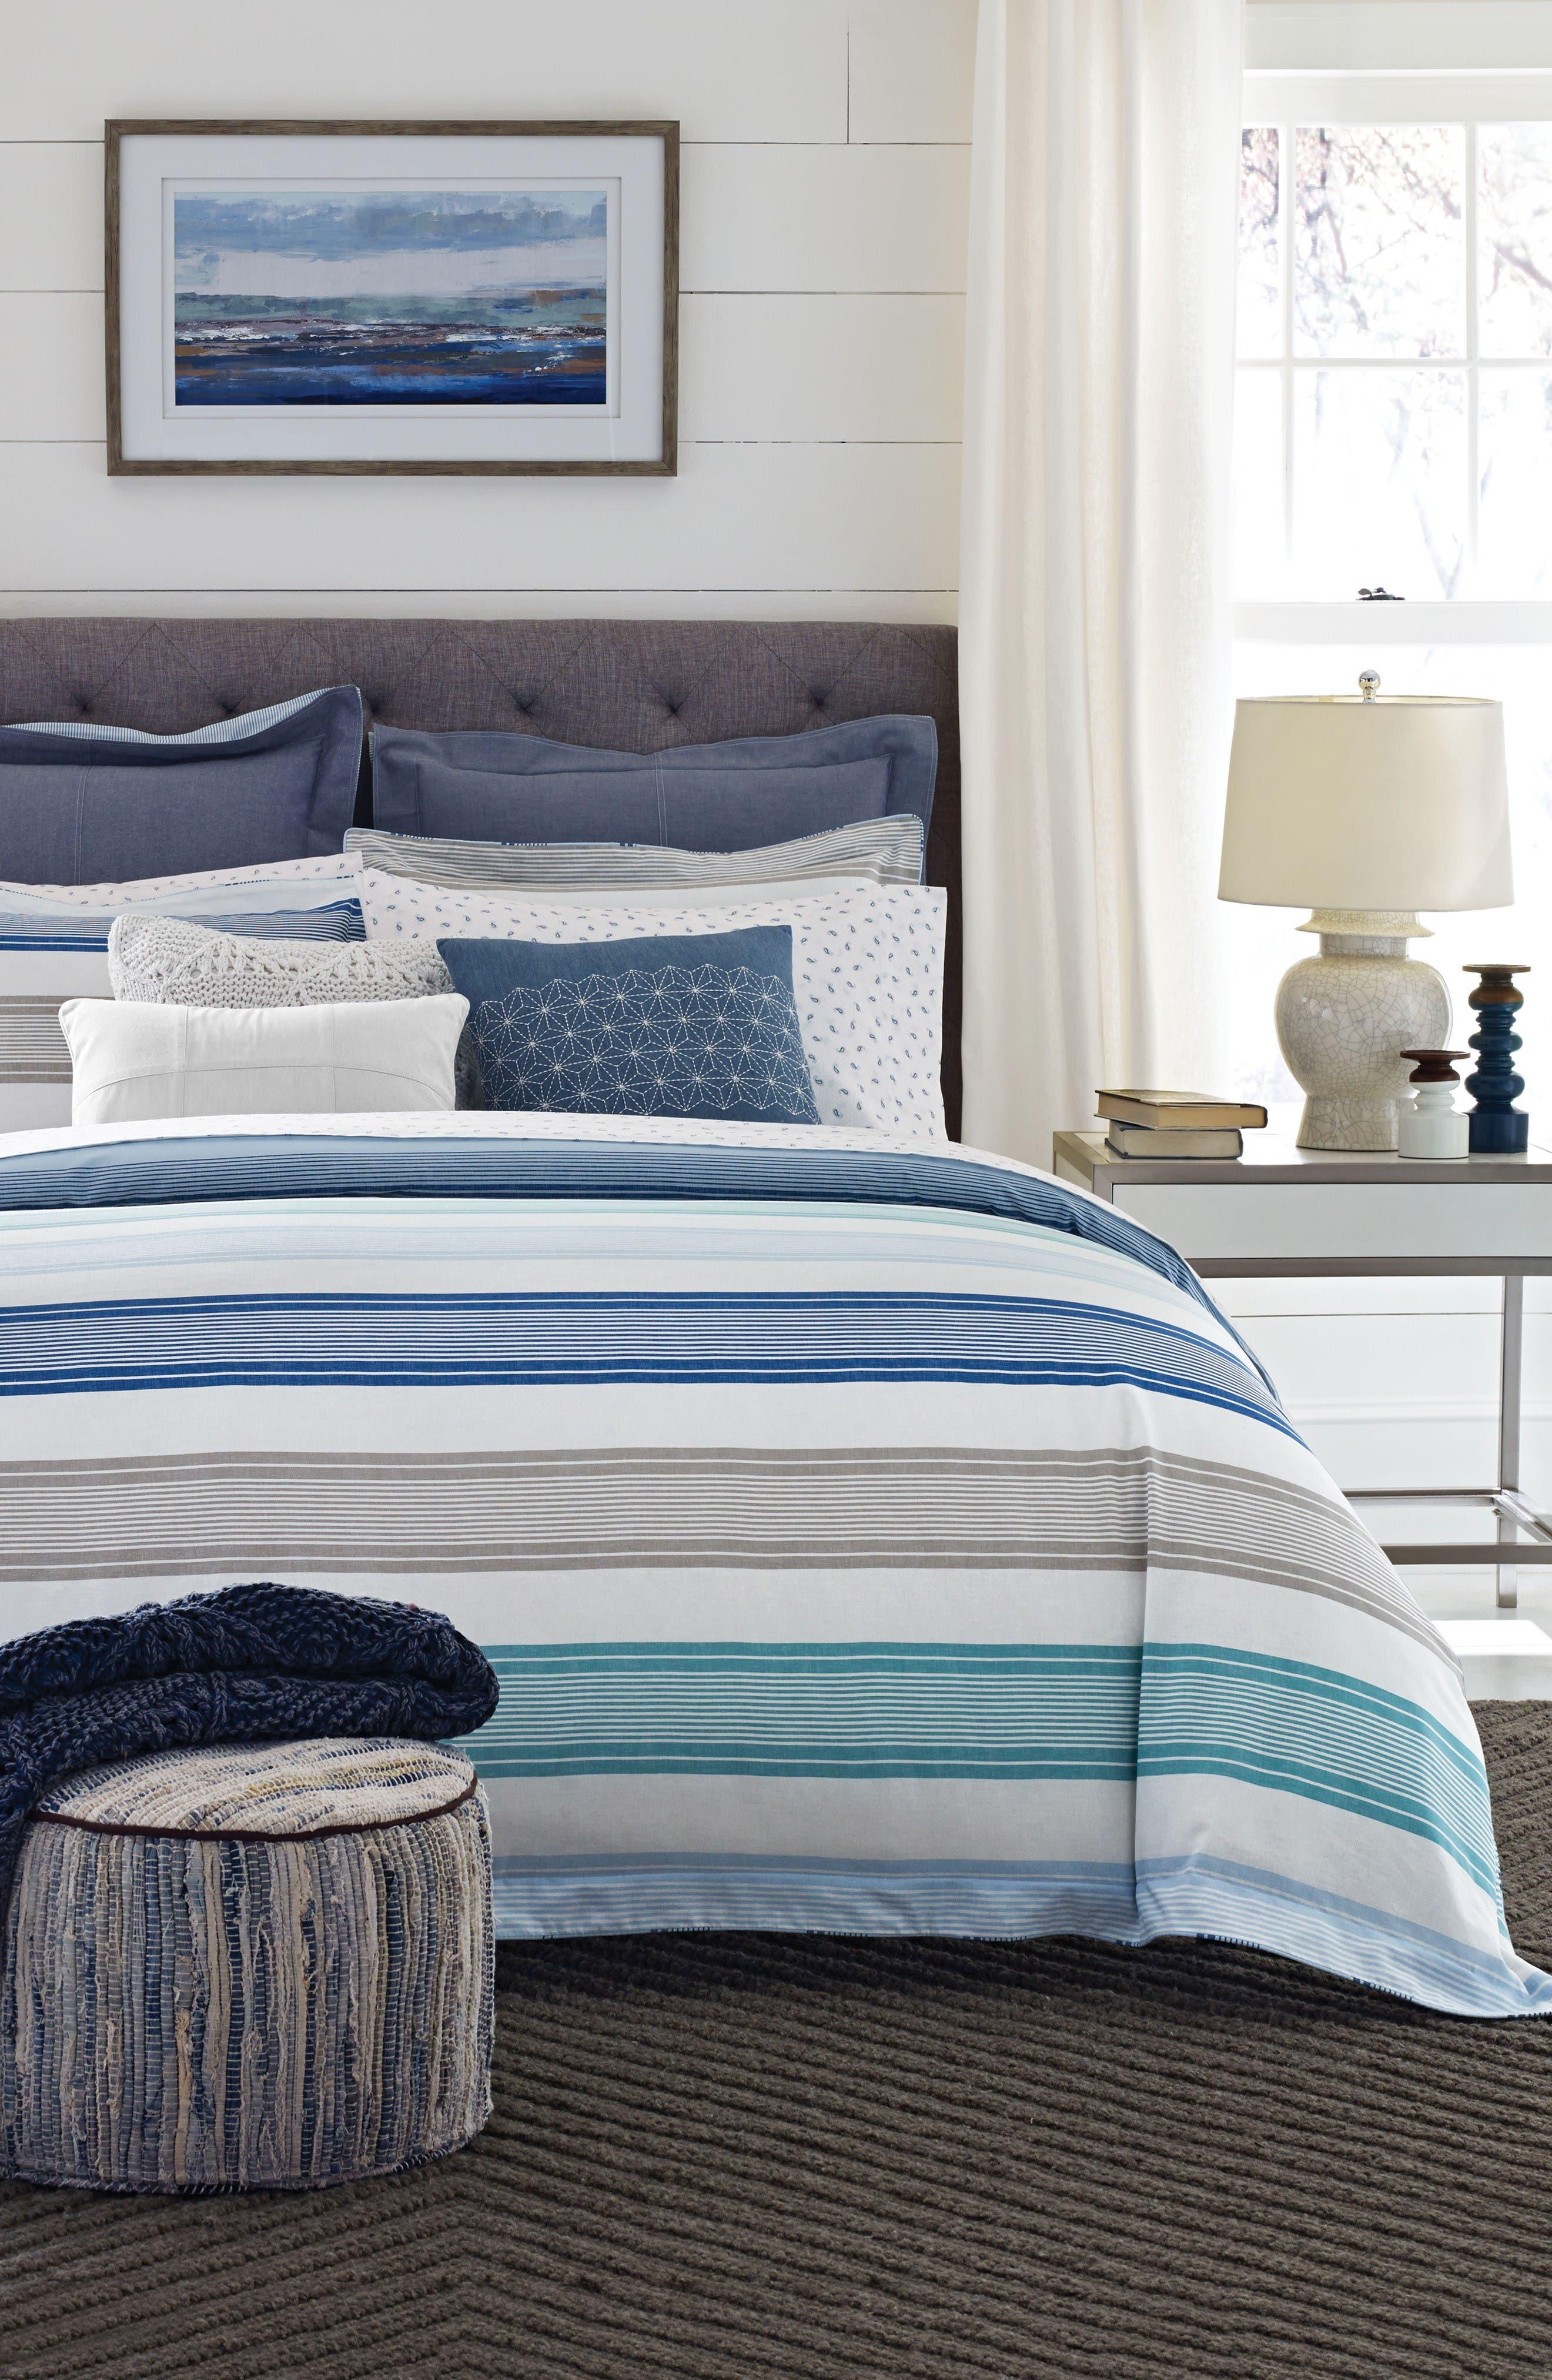 Main Image - Tommy Hilfiger Westbourne Stripe Comforter & Sham Set